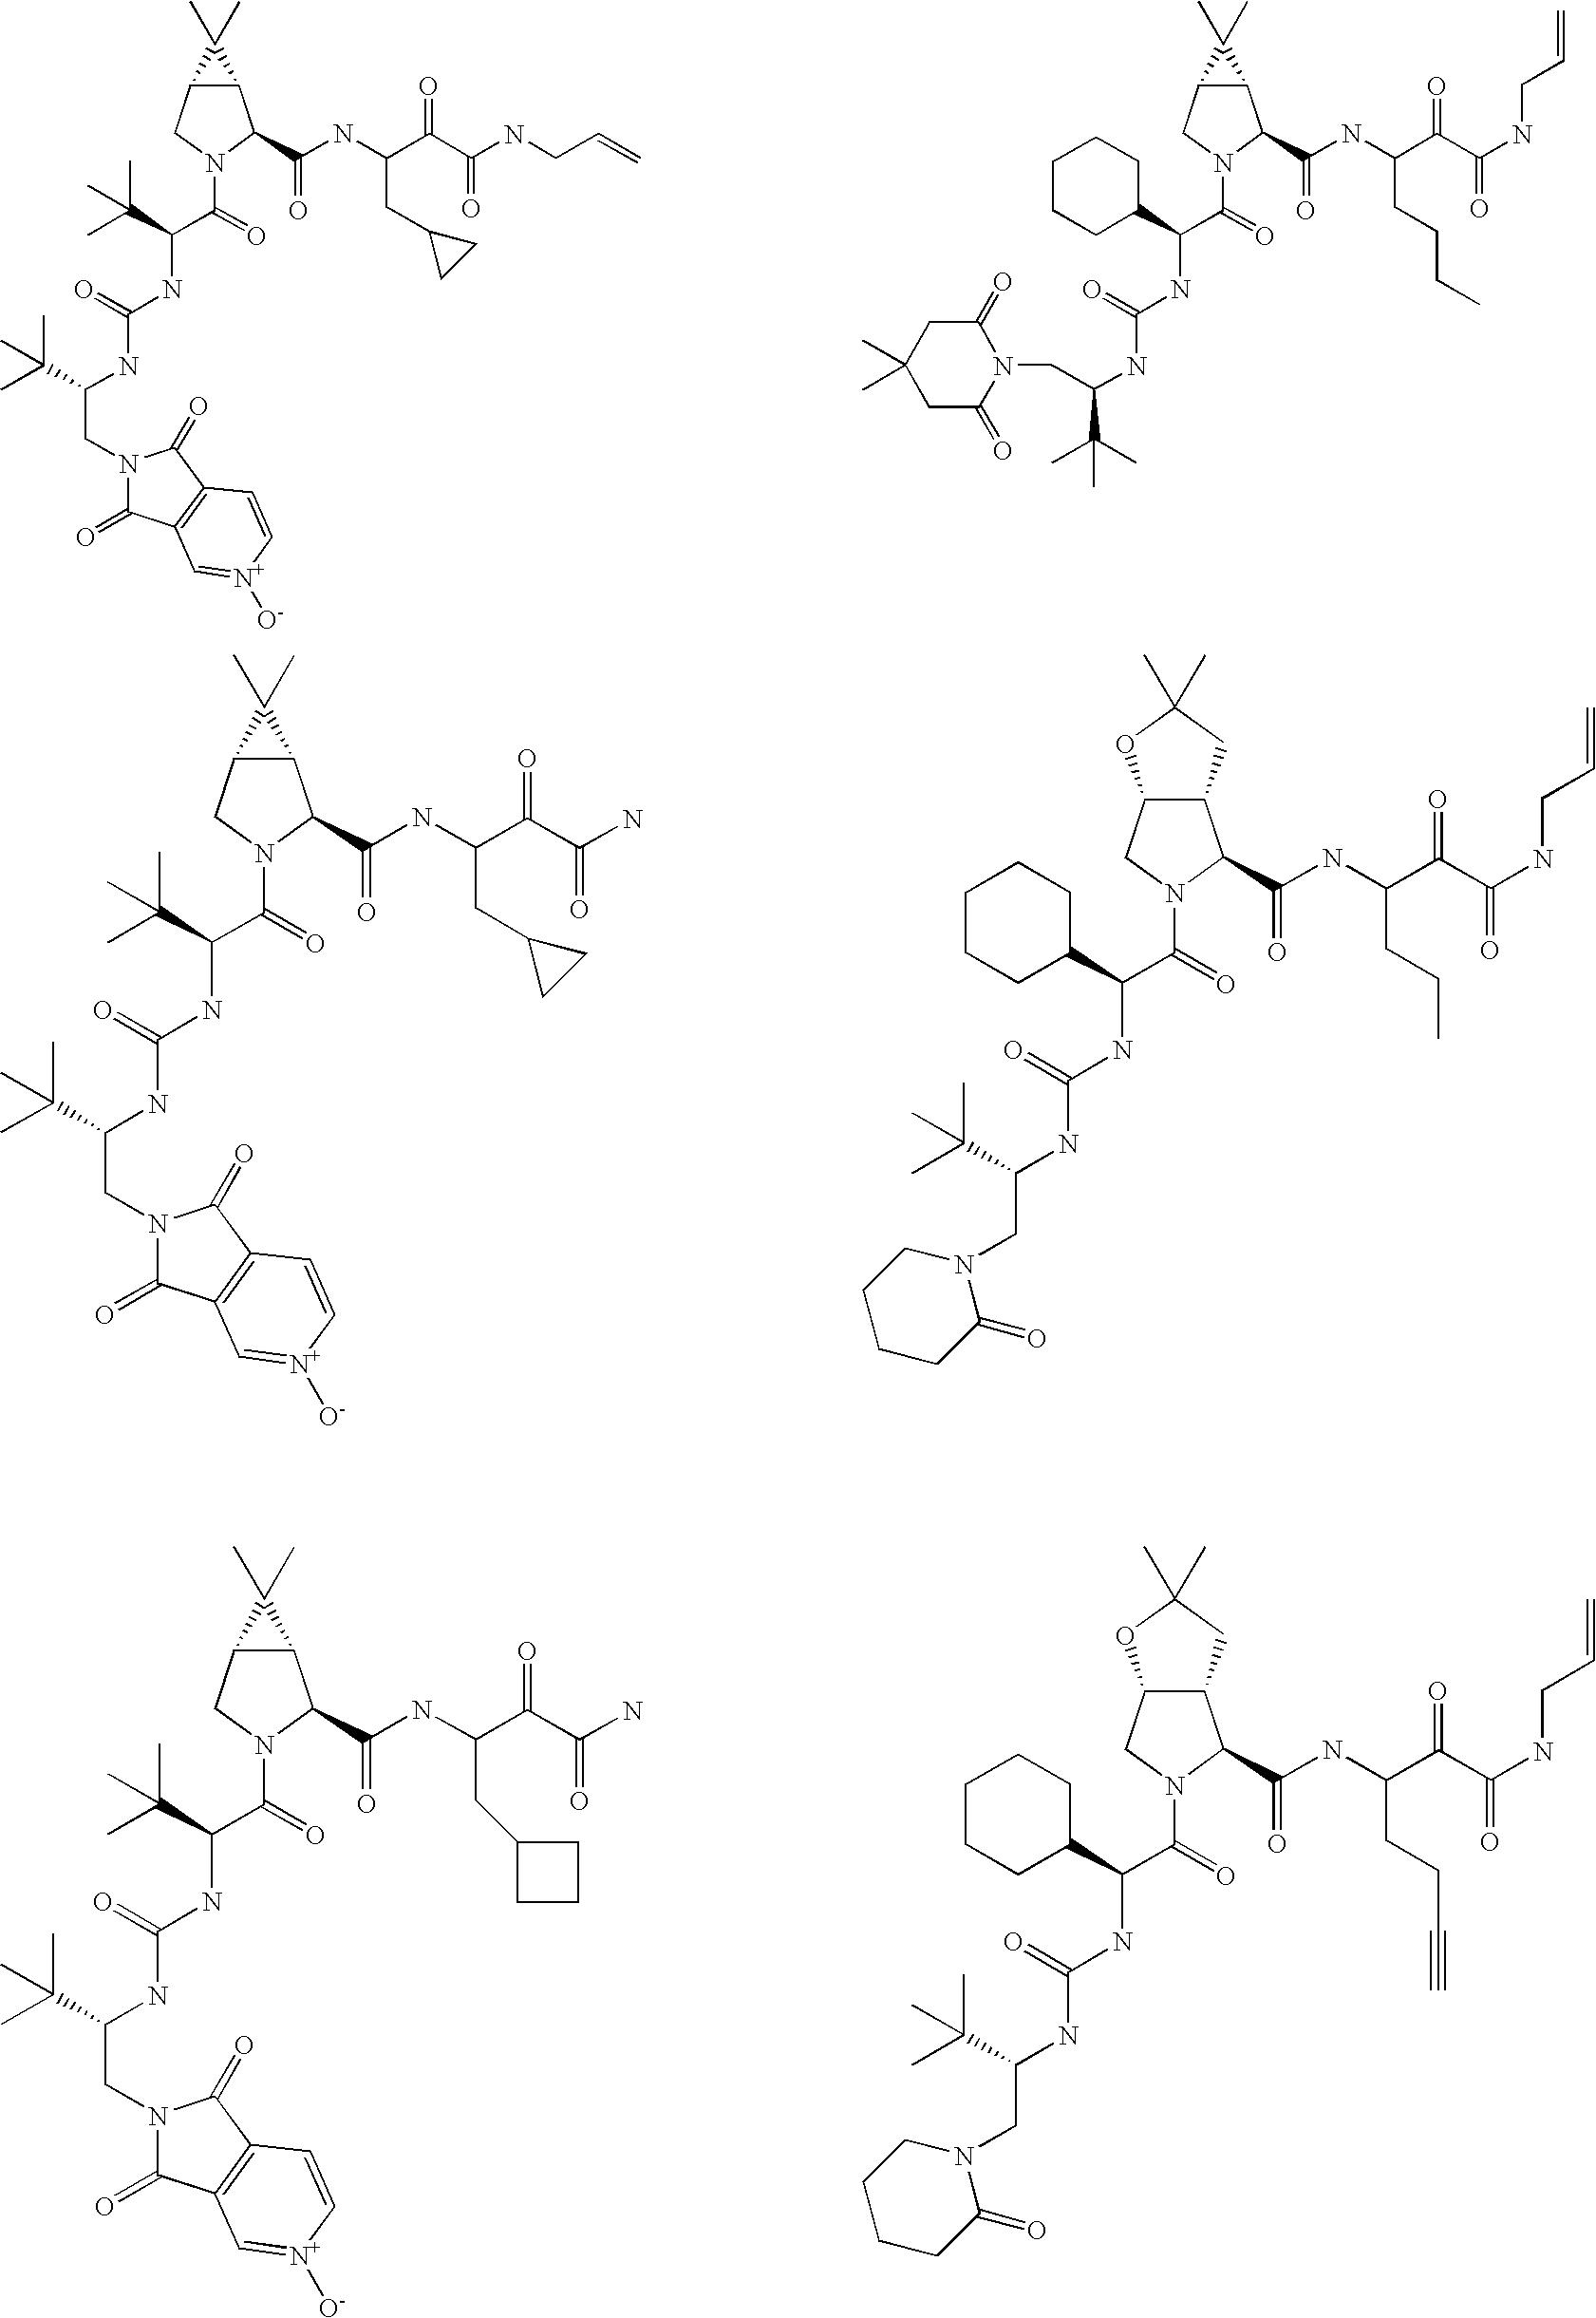 Figure US20060287248A1-20061221-C00432